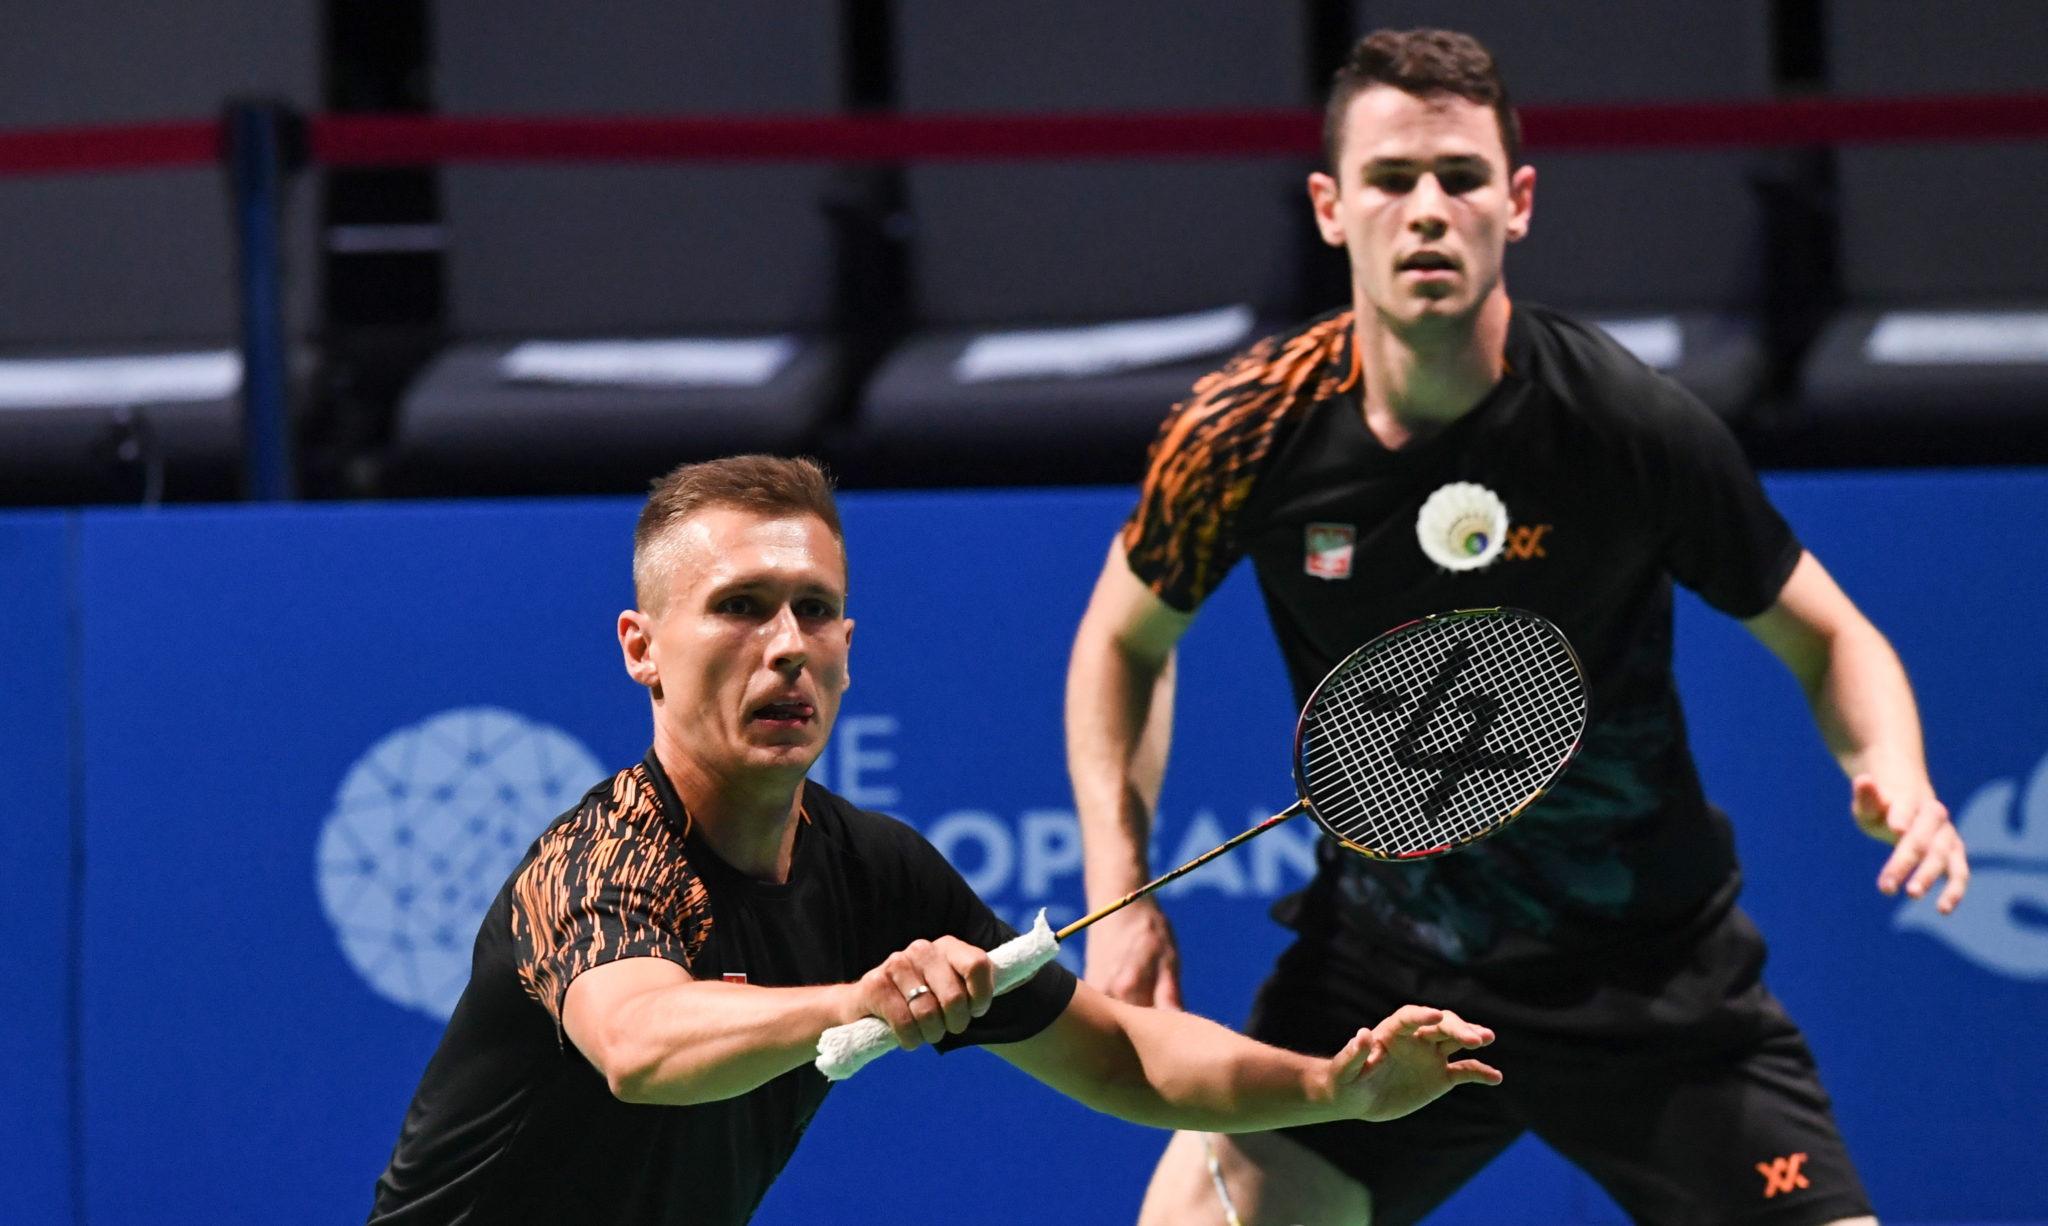 Białoruś: Polacy Miłosz Bochat i Adam Cwalina w meczu badmintona przeciwko parze Kim Astrup i Anders Rasmussen z Danii podczas II Igrzysk Europejskich w Mińsku, fot. Piotr Nowak, PAP